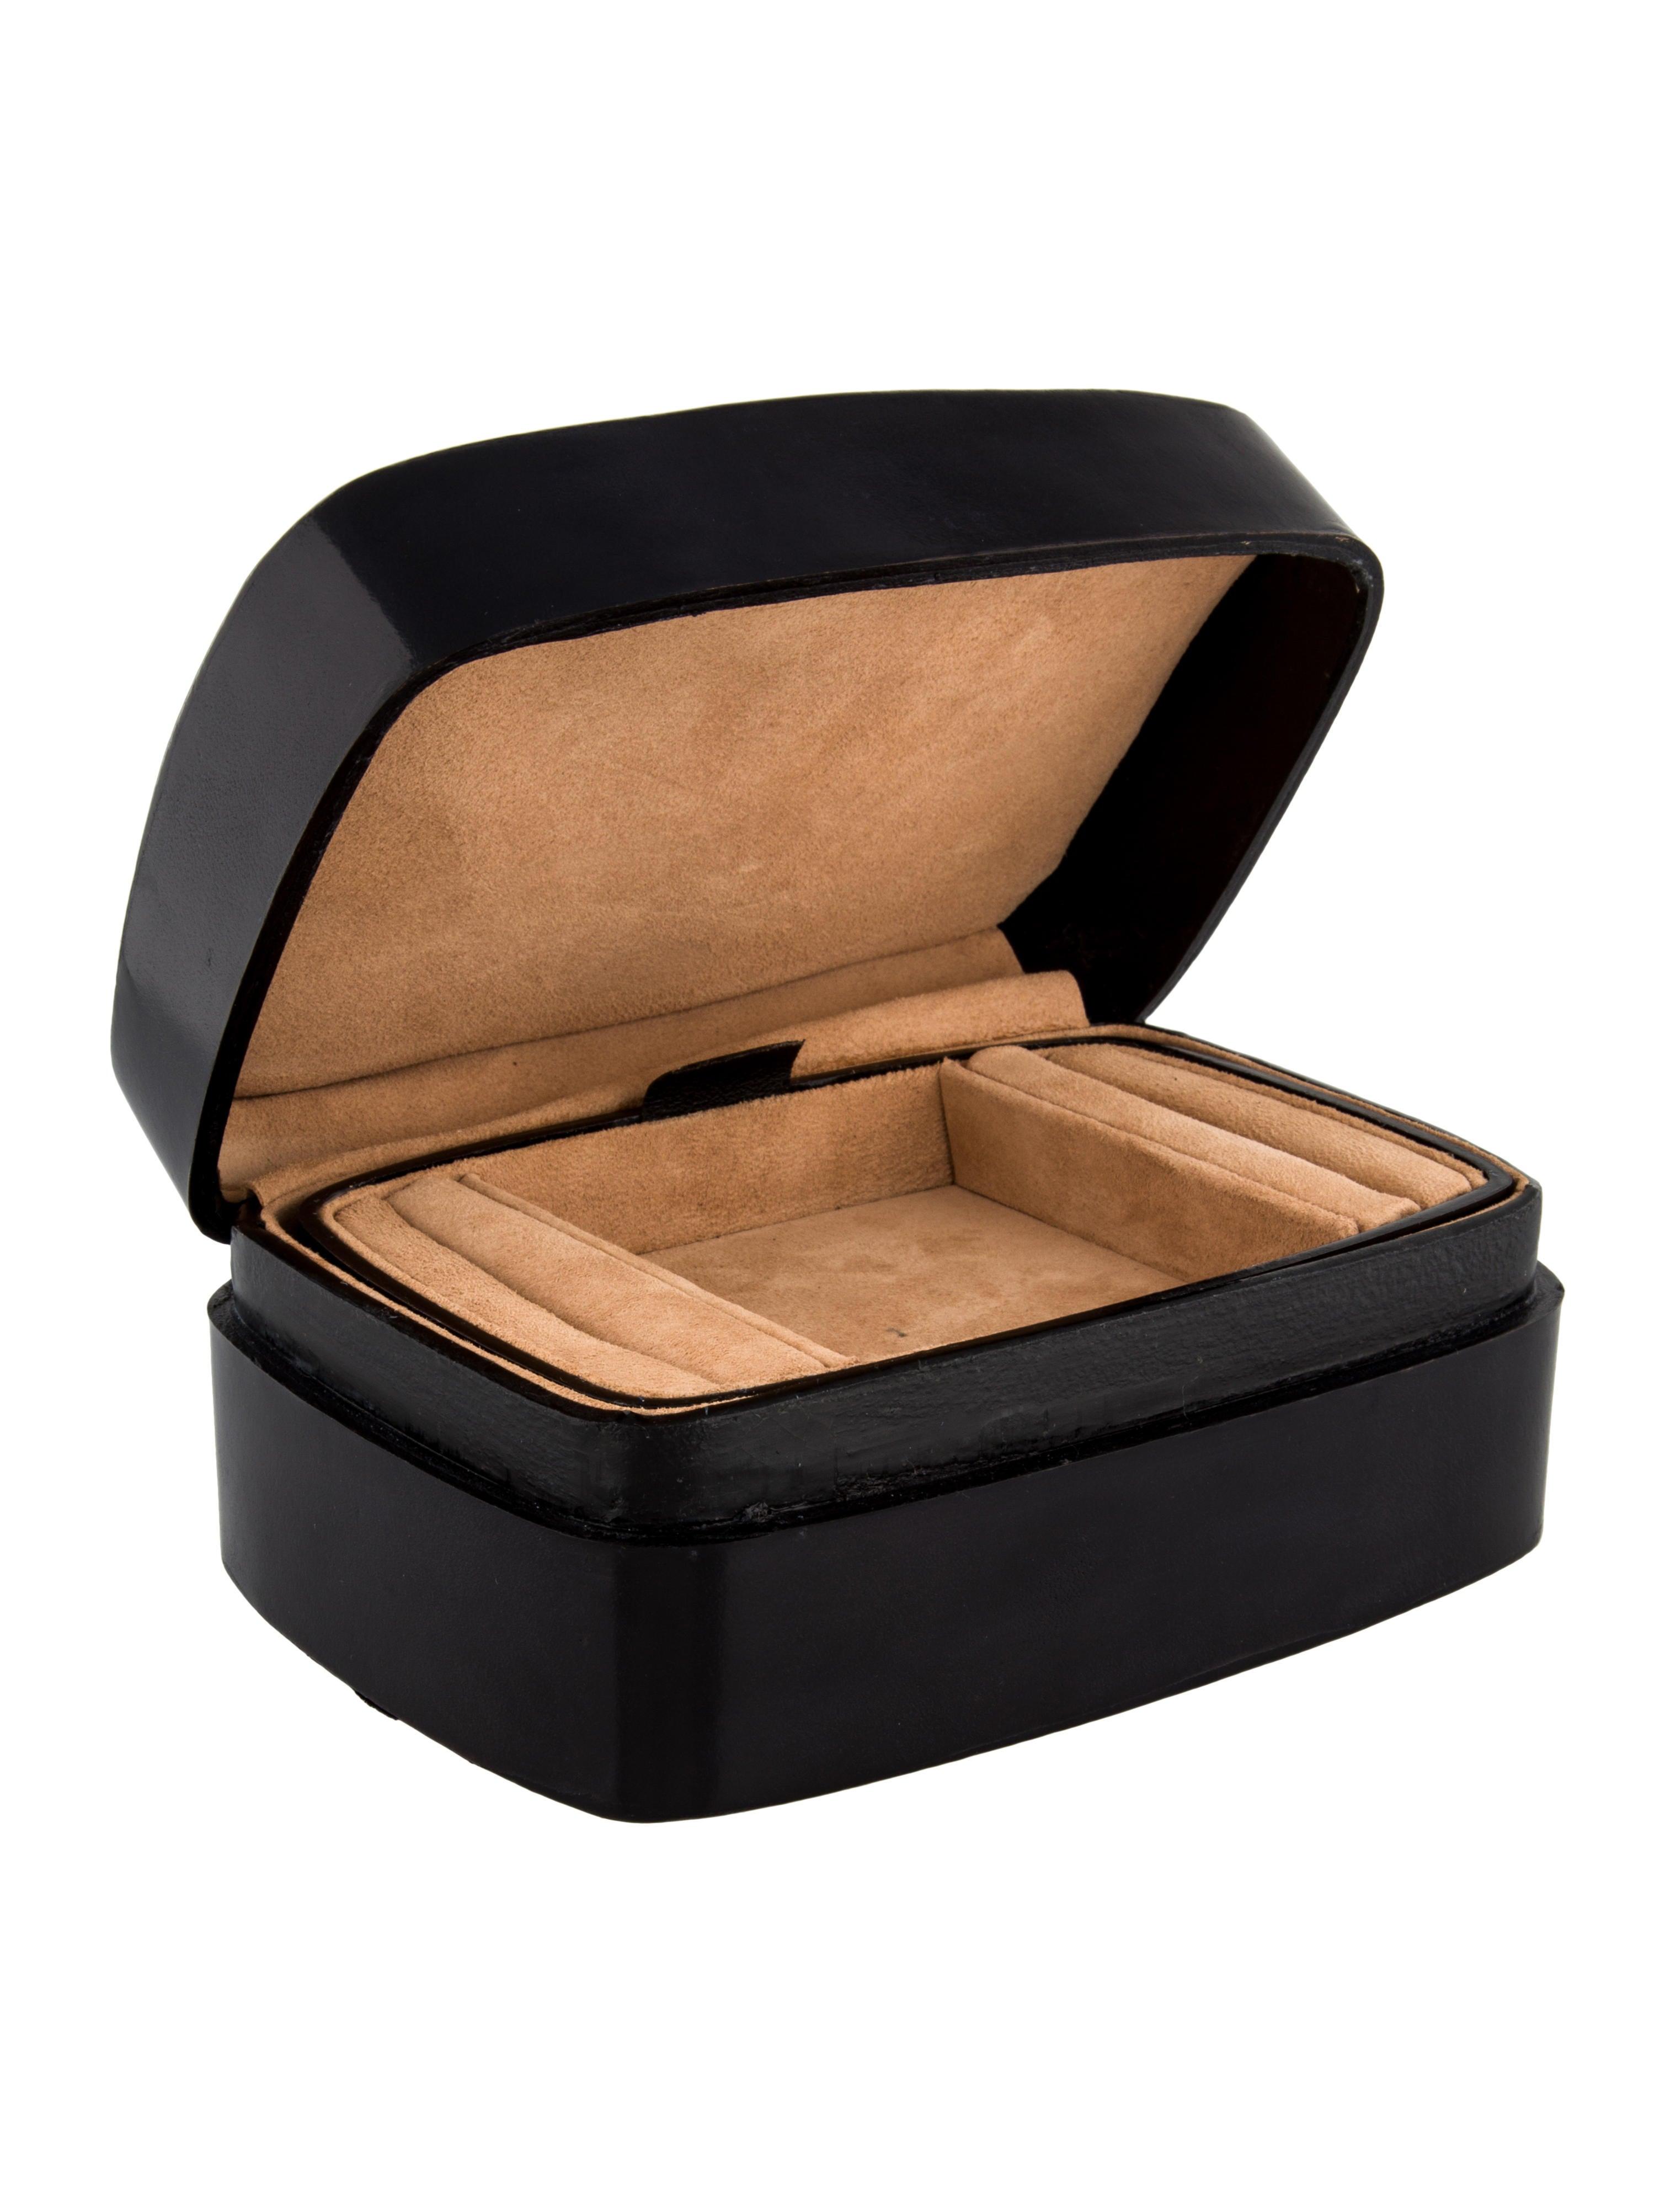 Tiffany Co Elsa Peretti Wave Jewelry Box Decor And Accessories